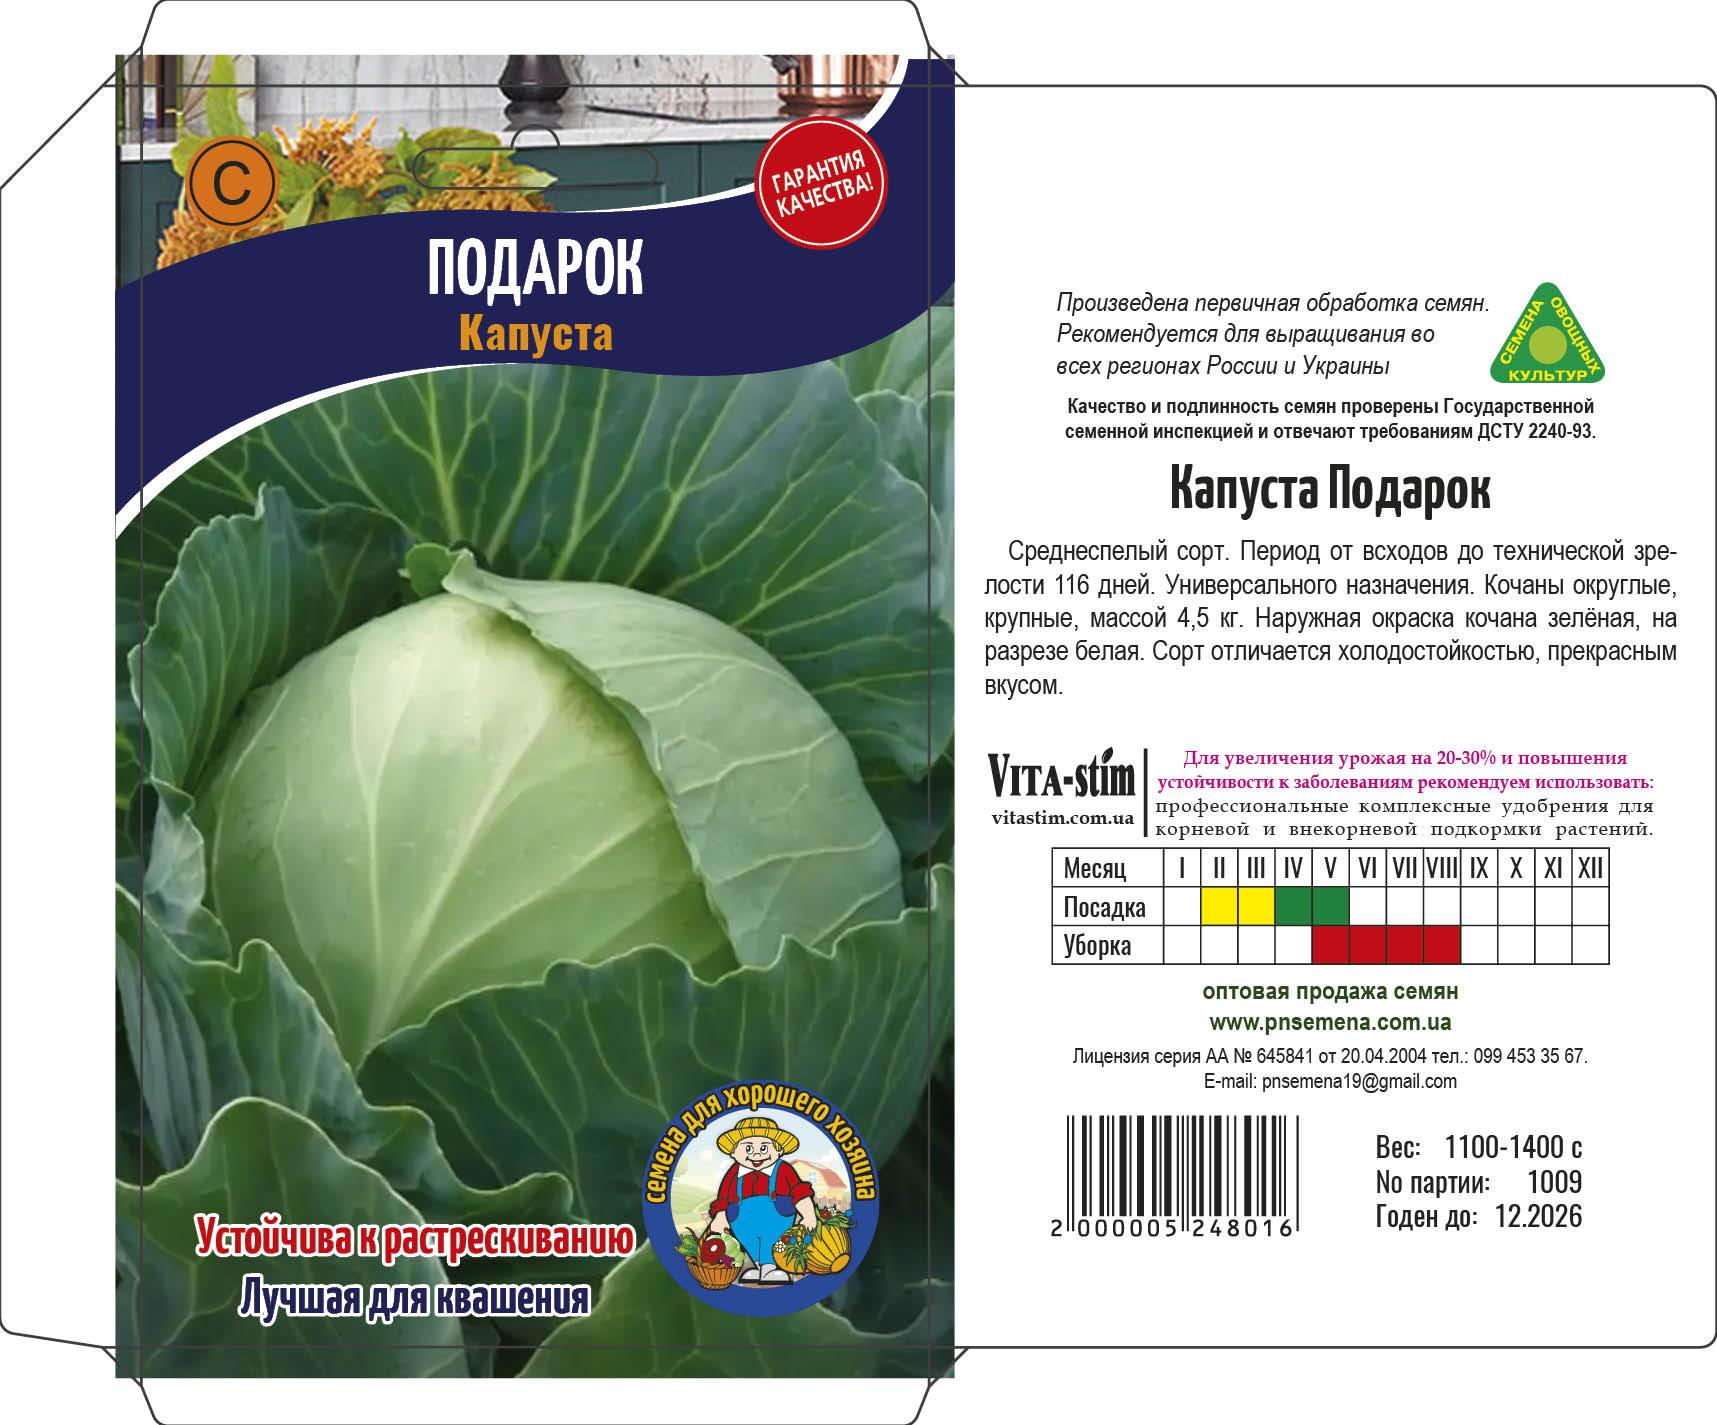 Капуста подарок: описание сорта, фото, отзывы, характеристика, урожайность, особенности выращивания